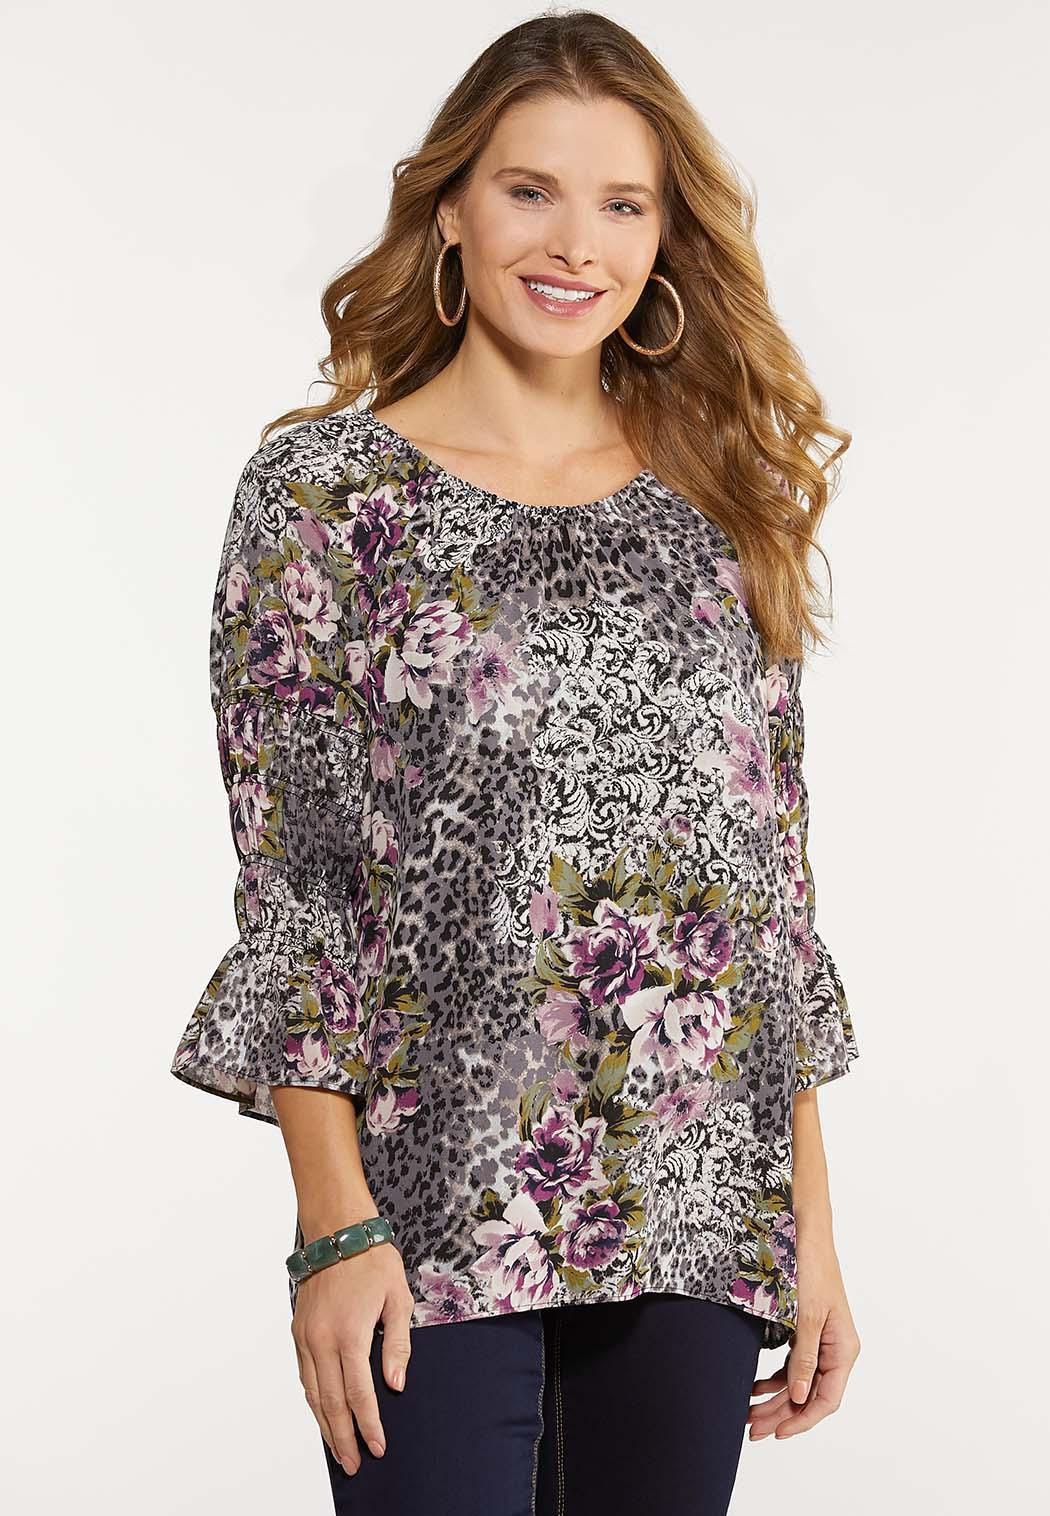 Plus Size Smocked Lavender Floral Top